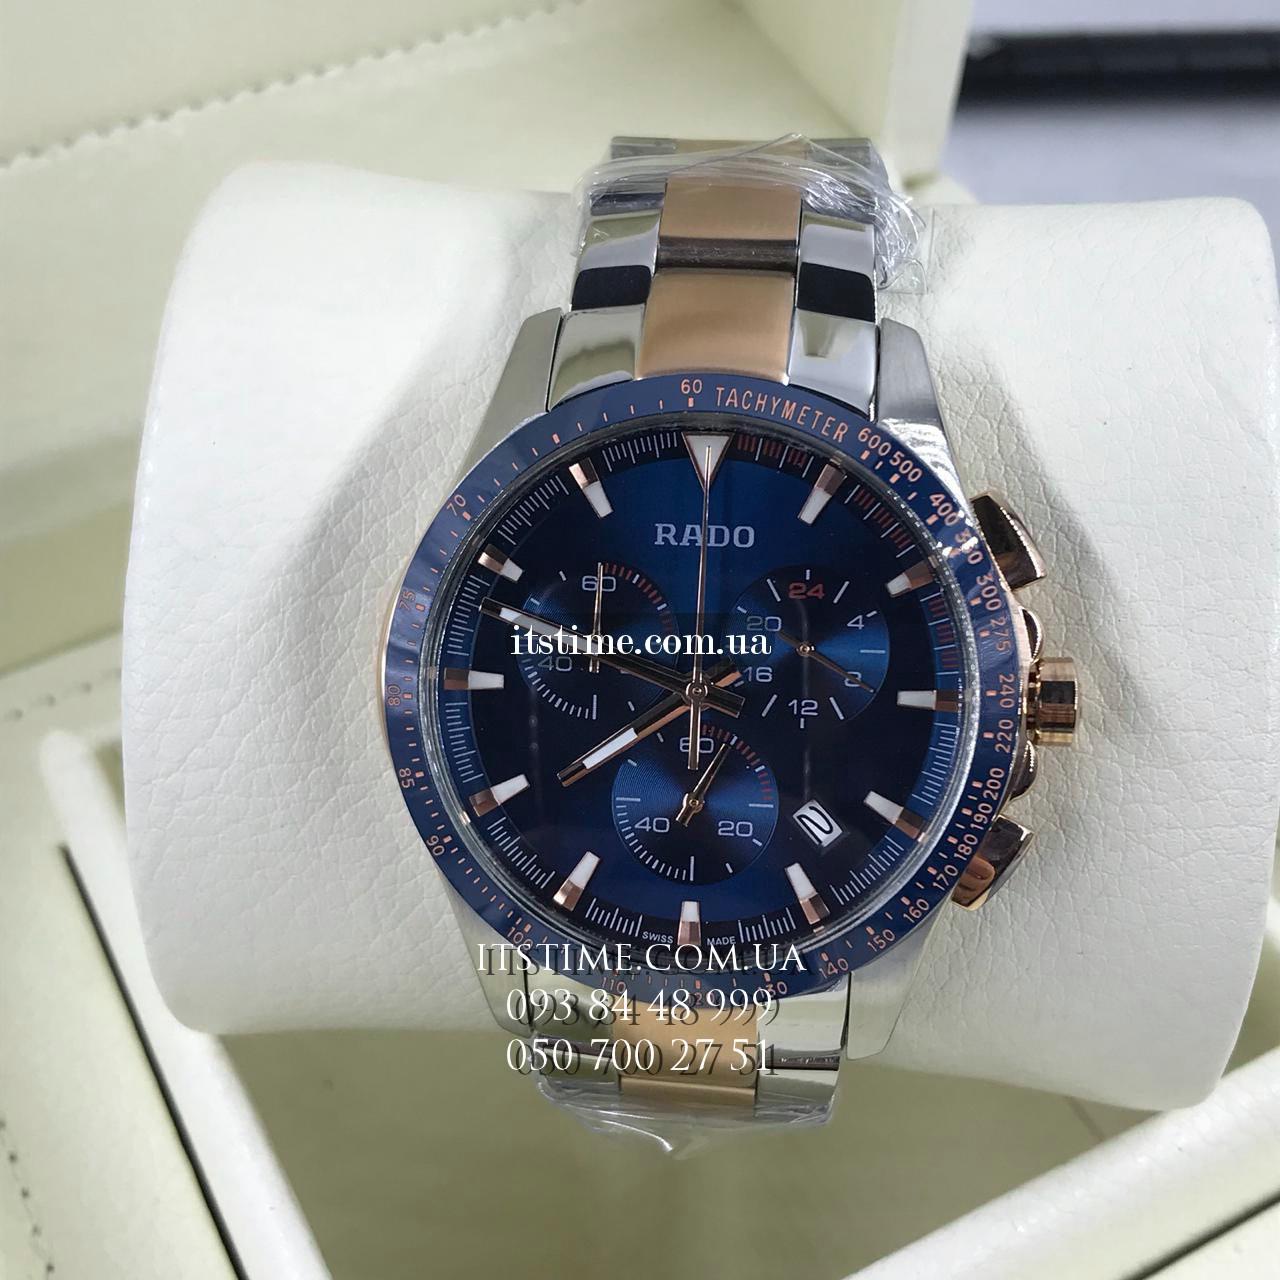 8f3f5ed0 Часы Rado :: Интернет-магазин «IT'S TIME» копии, аналоги, реплики часов